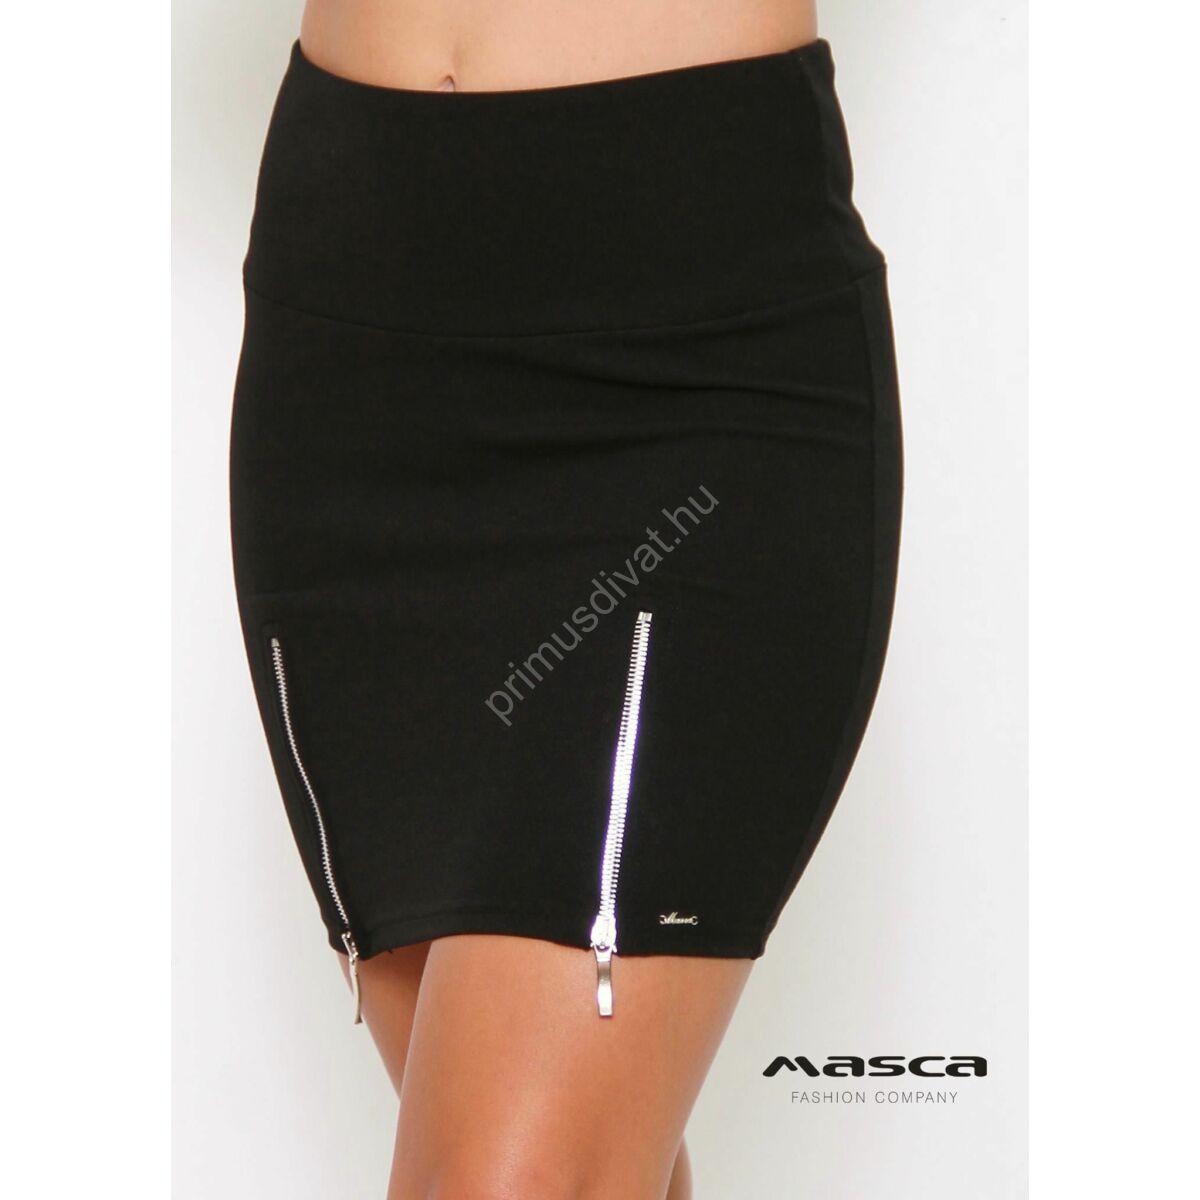 28184304fa Kép 1/1 - Masca Fashion magasított derekú fekete miniszoknya, elején ezüst  színű fém cipzár díszítéssel